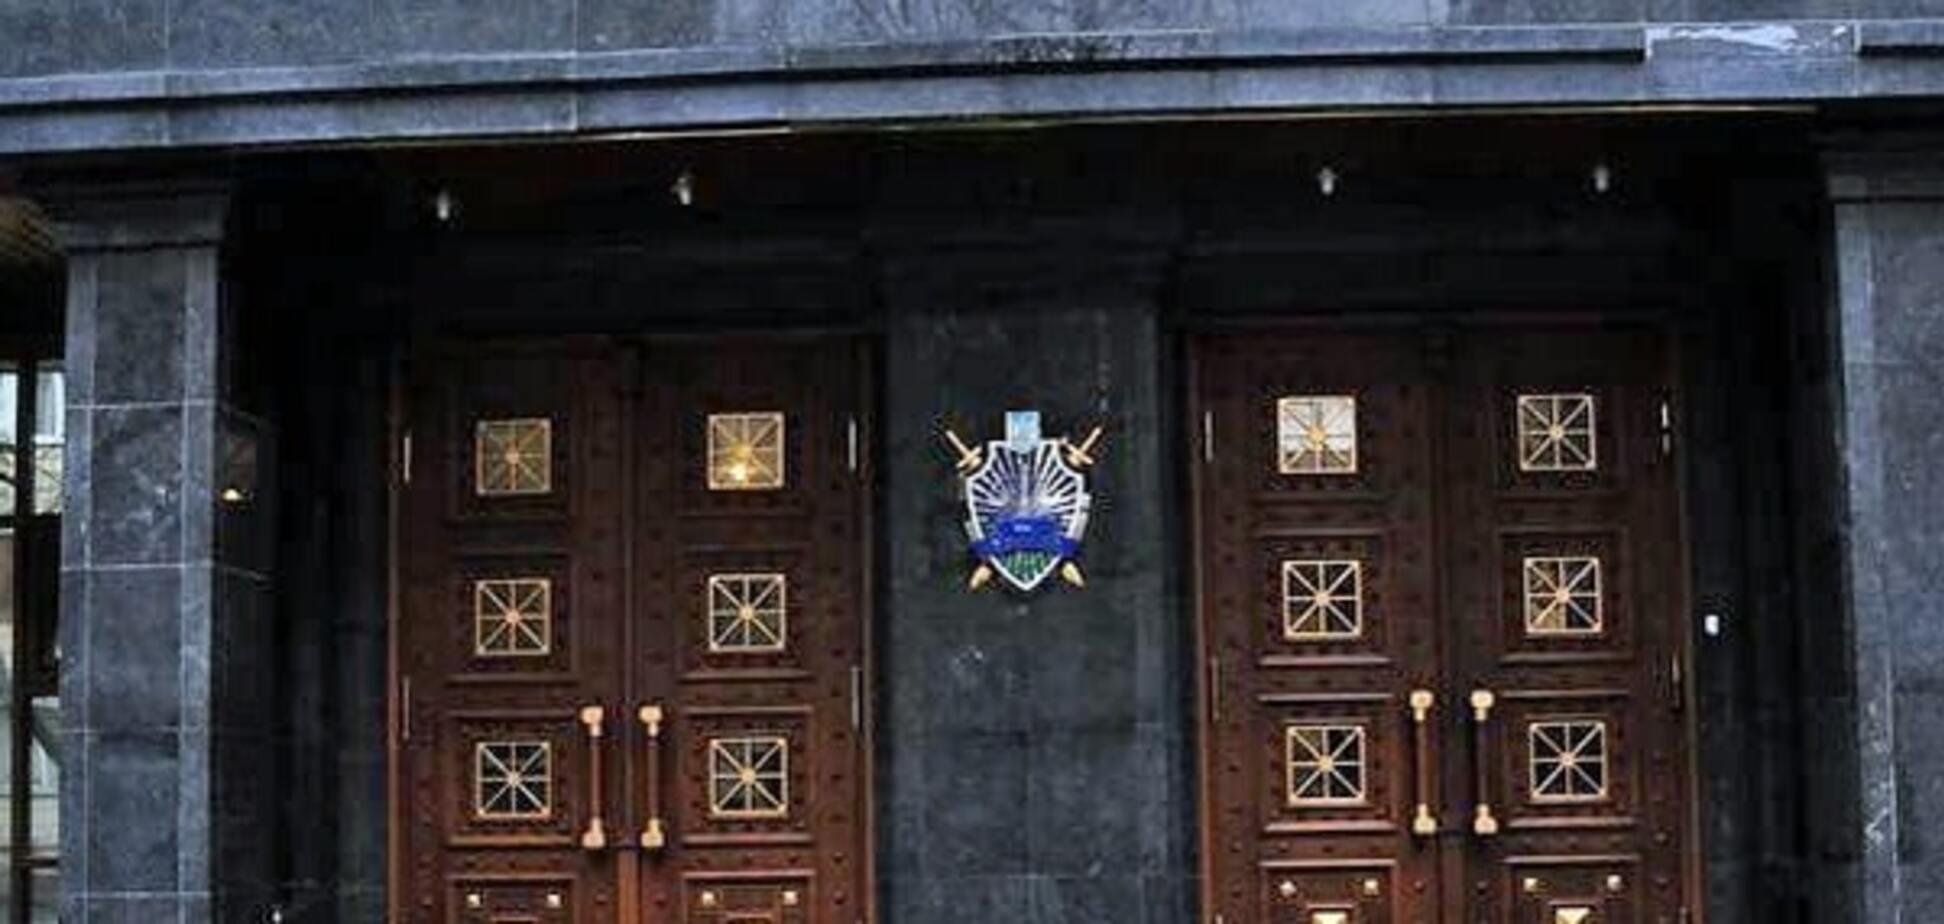 Із годинником від Пшонки: Береза розповів про 'проколи' потенційних борців із корупцією